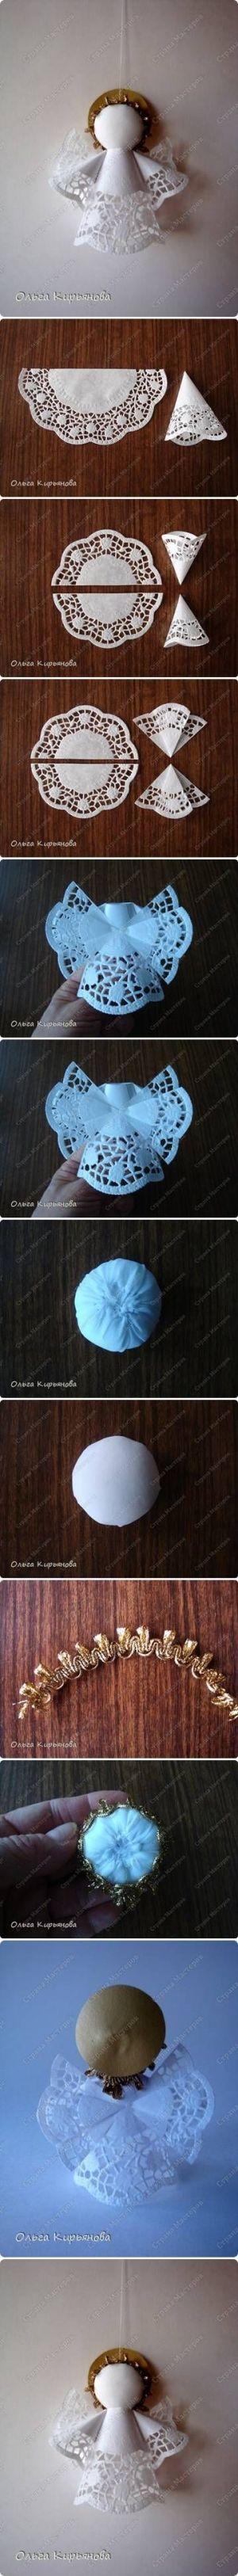 DIY Napkin Angel by Ammazed